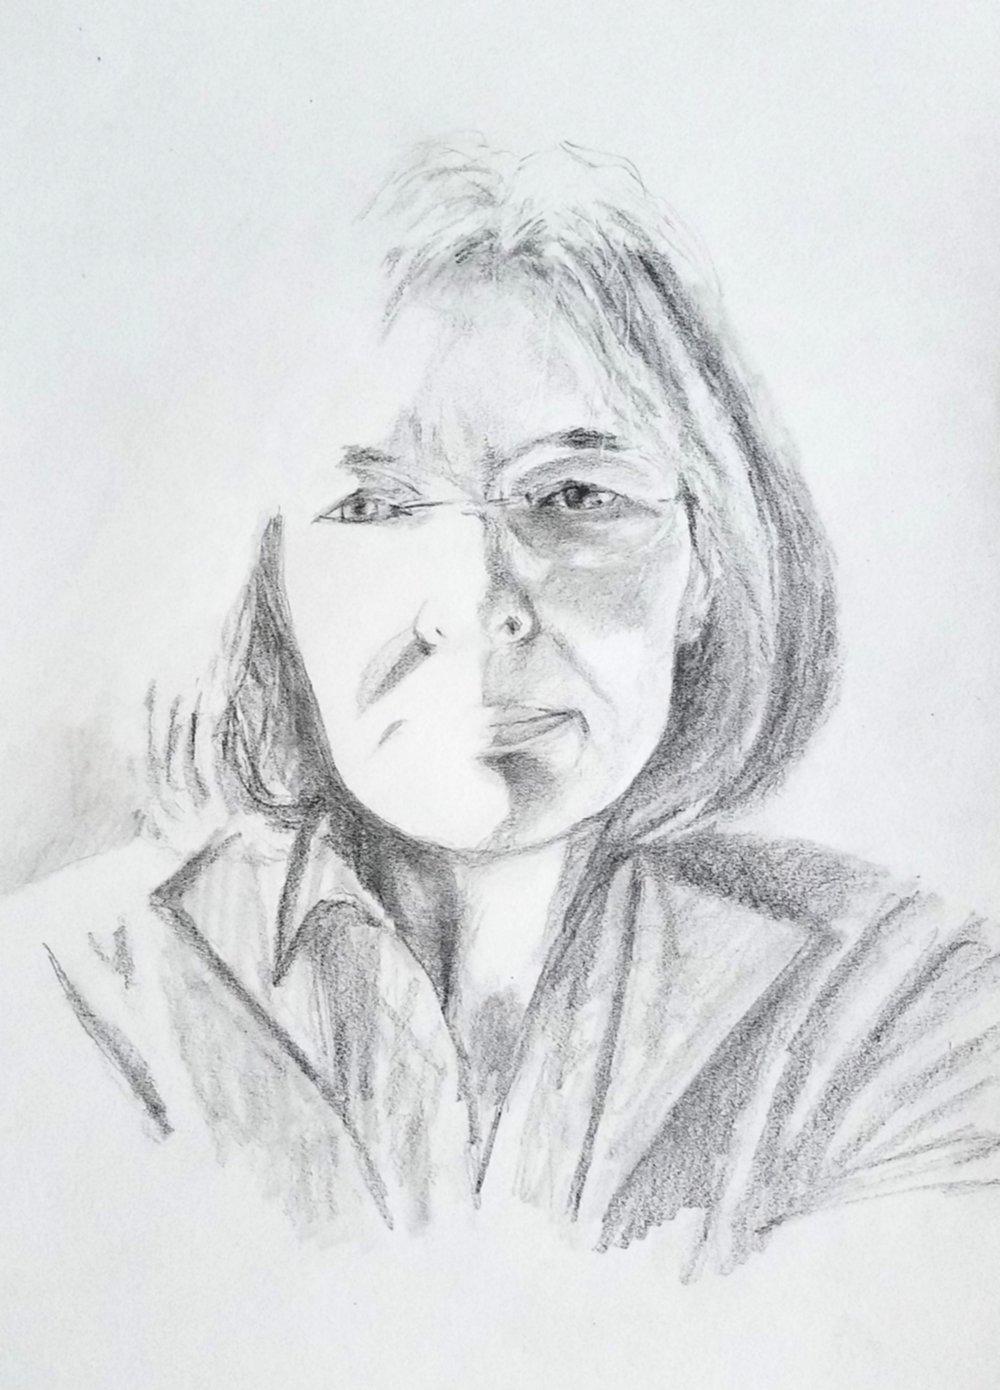 Self-portrait; graphite; 2017